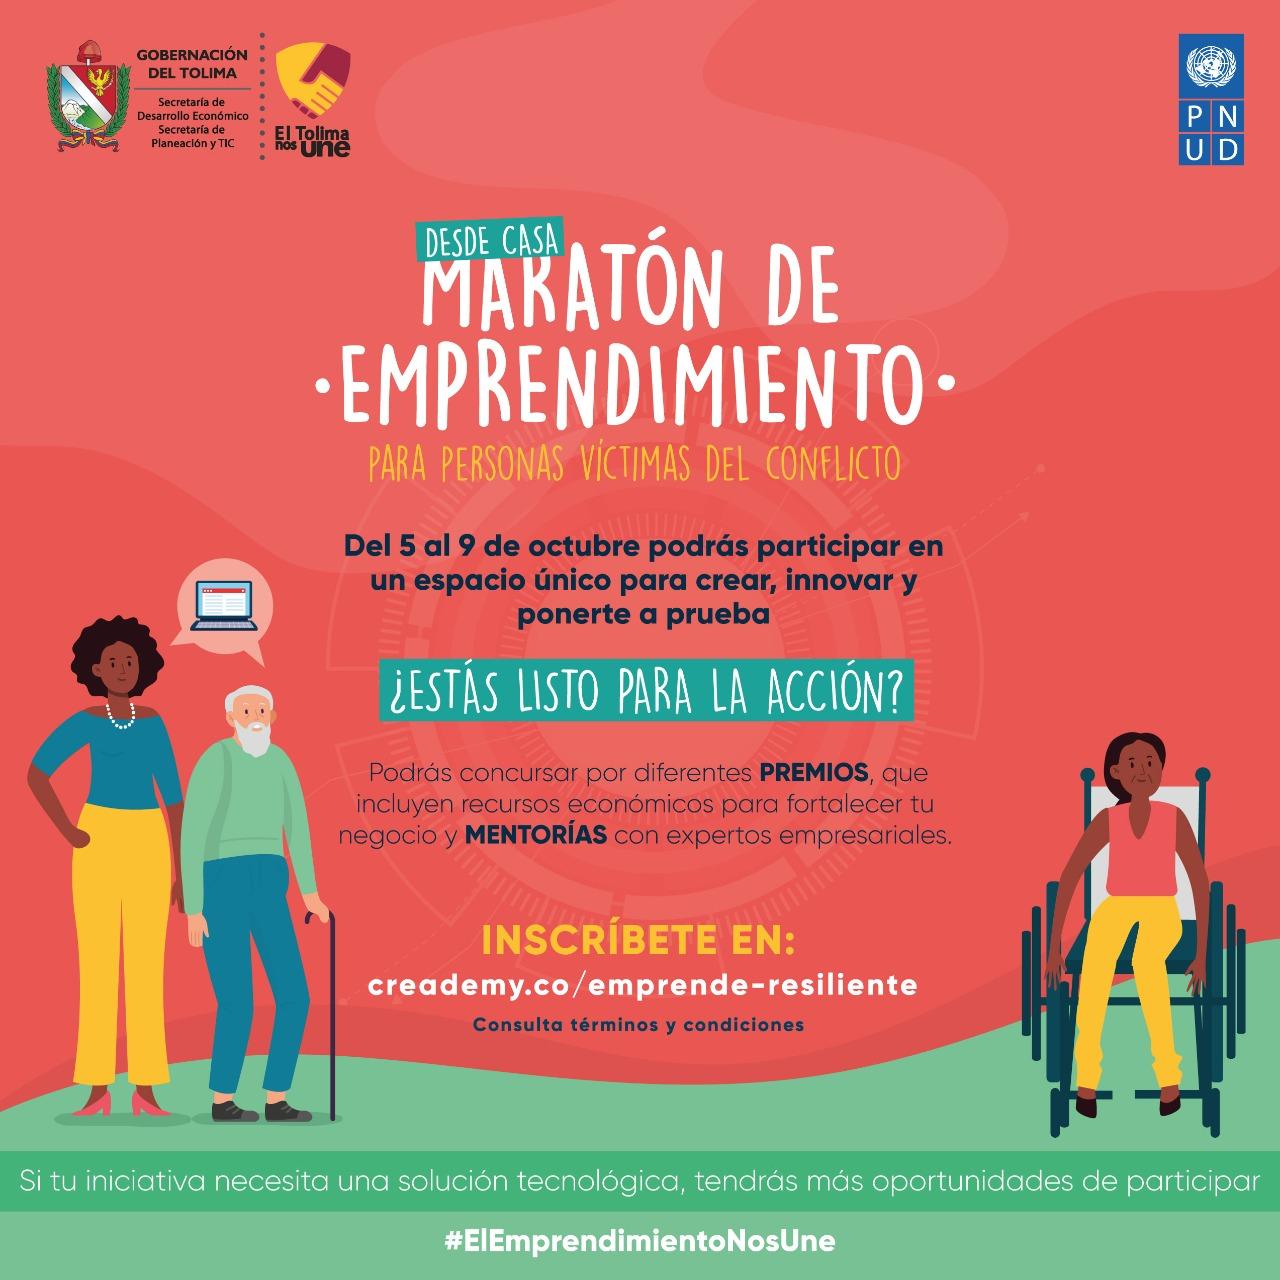 Hasta el 27 de septiembre, víctimas del conflicto podrán inscribirse en la Maratón de Emprendimiento 6